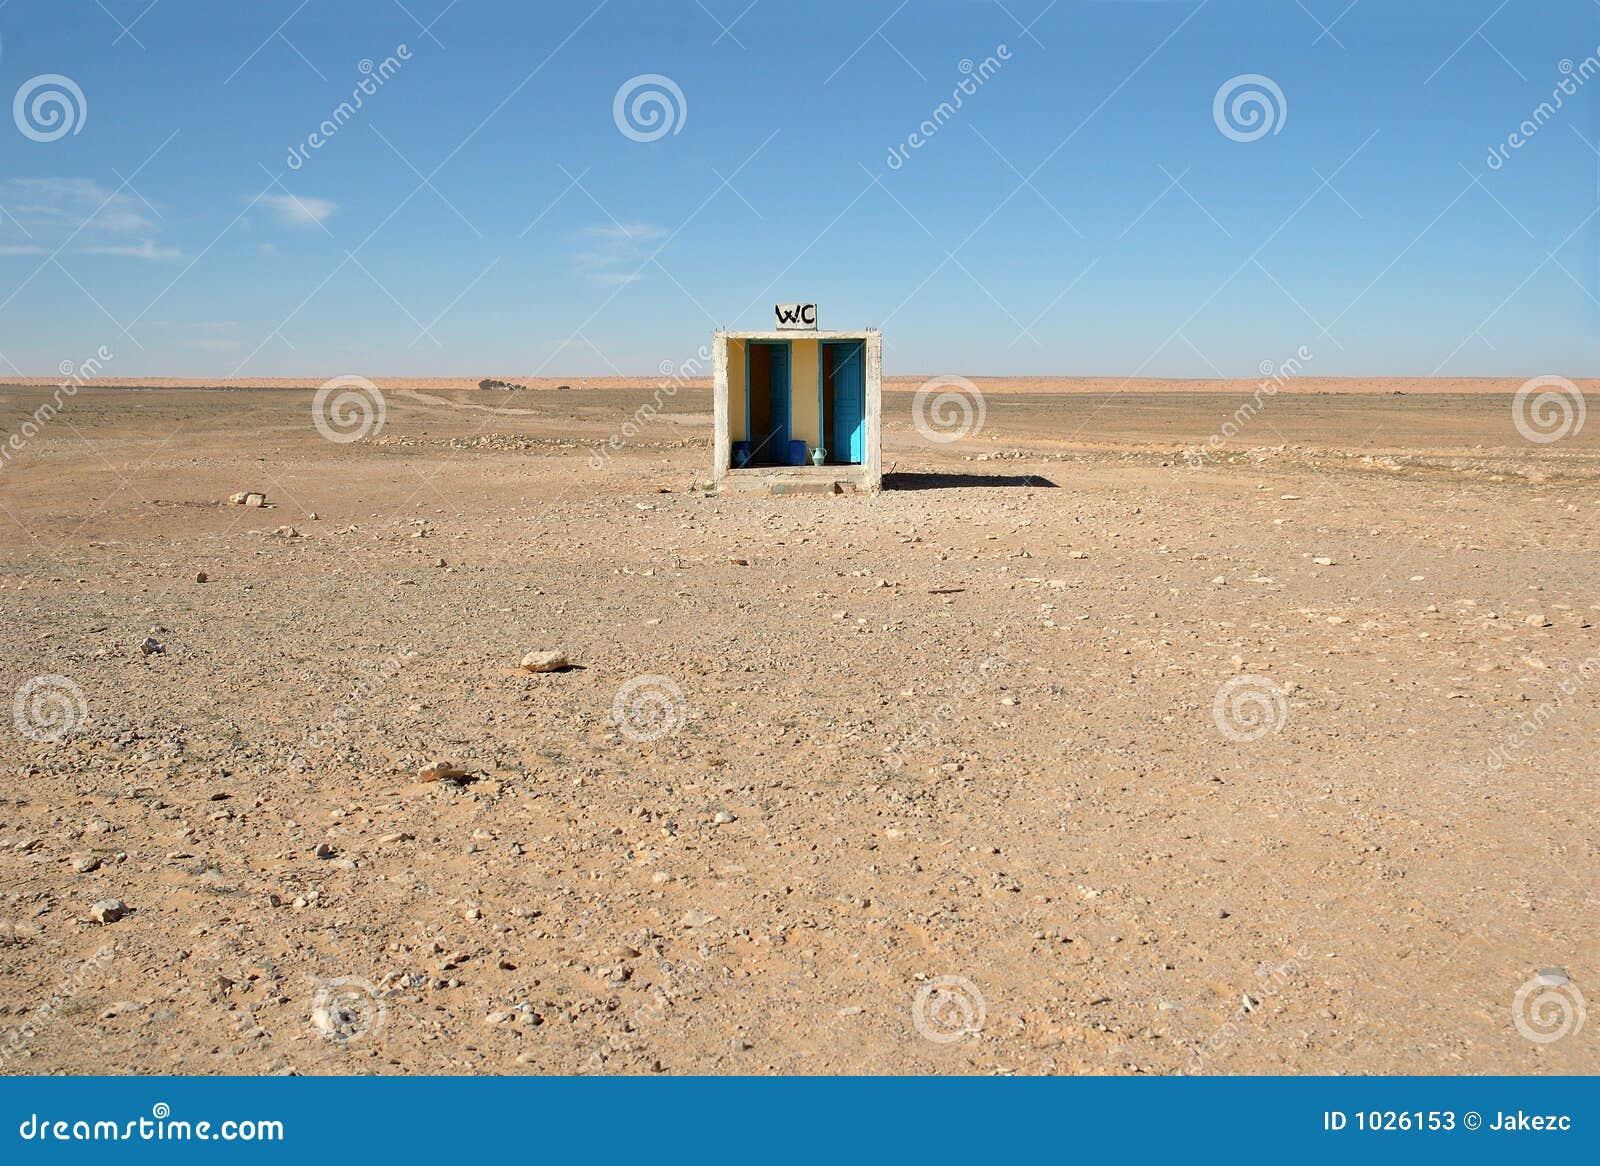 Buiten toilet in woestijn stock afbeelding afbeelding bestaande uit arabier 1026153 - Wc a l oud ...